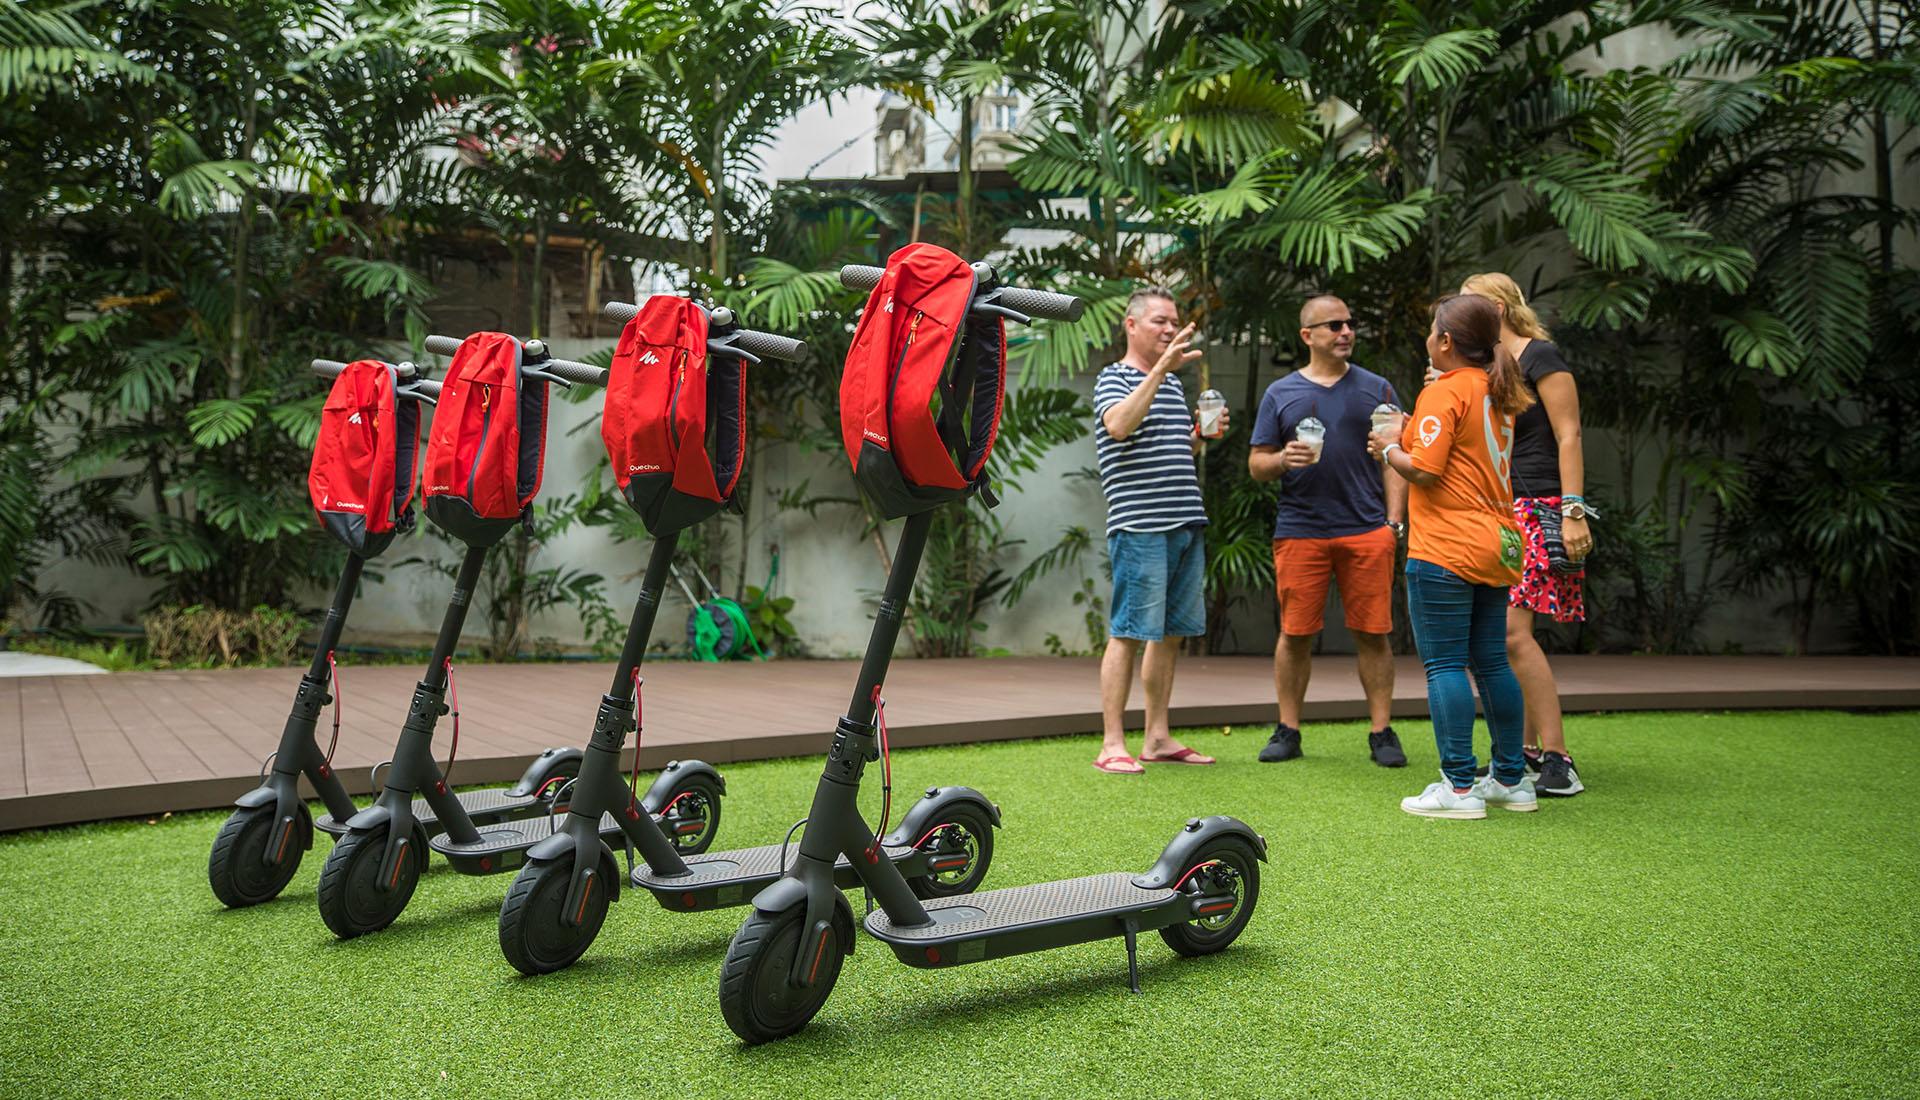 Blog artikel 'De nieuwste sensatie: de E-scooter tour in Bangkok'